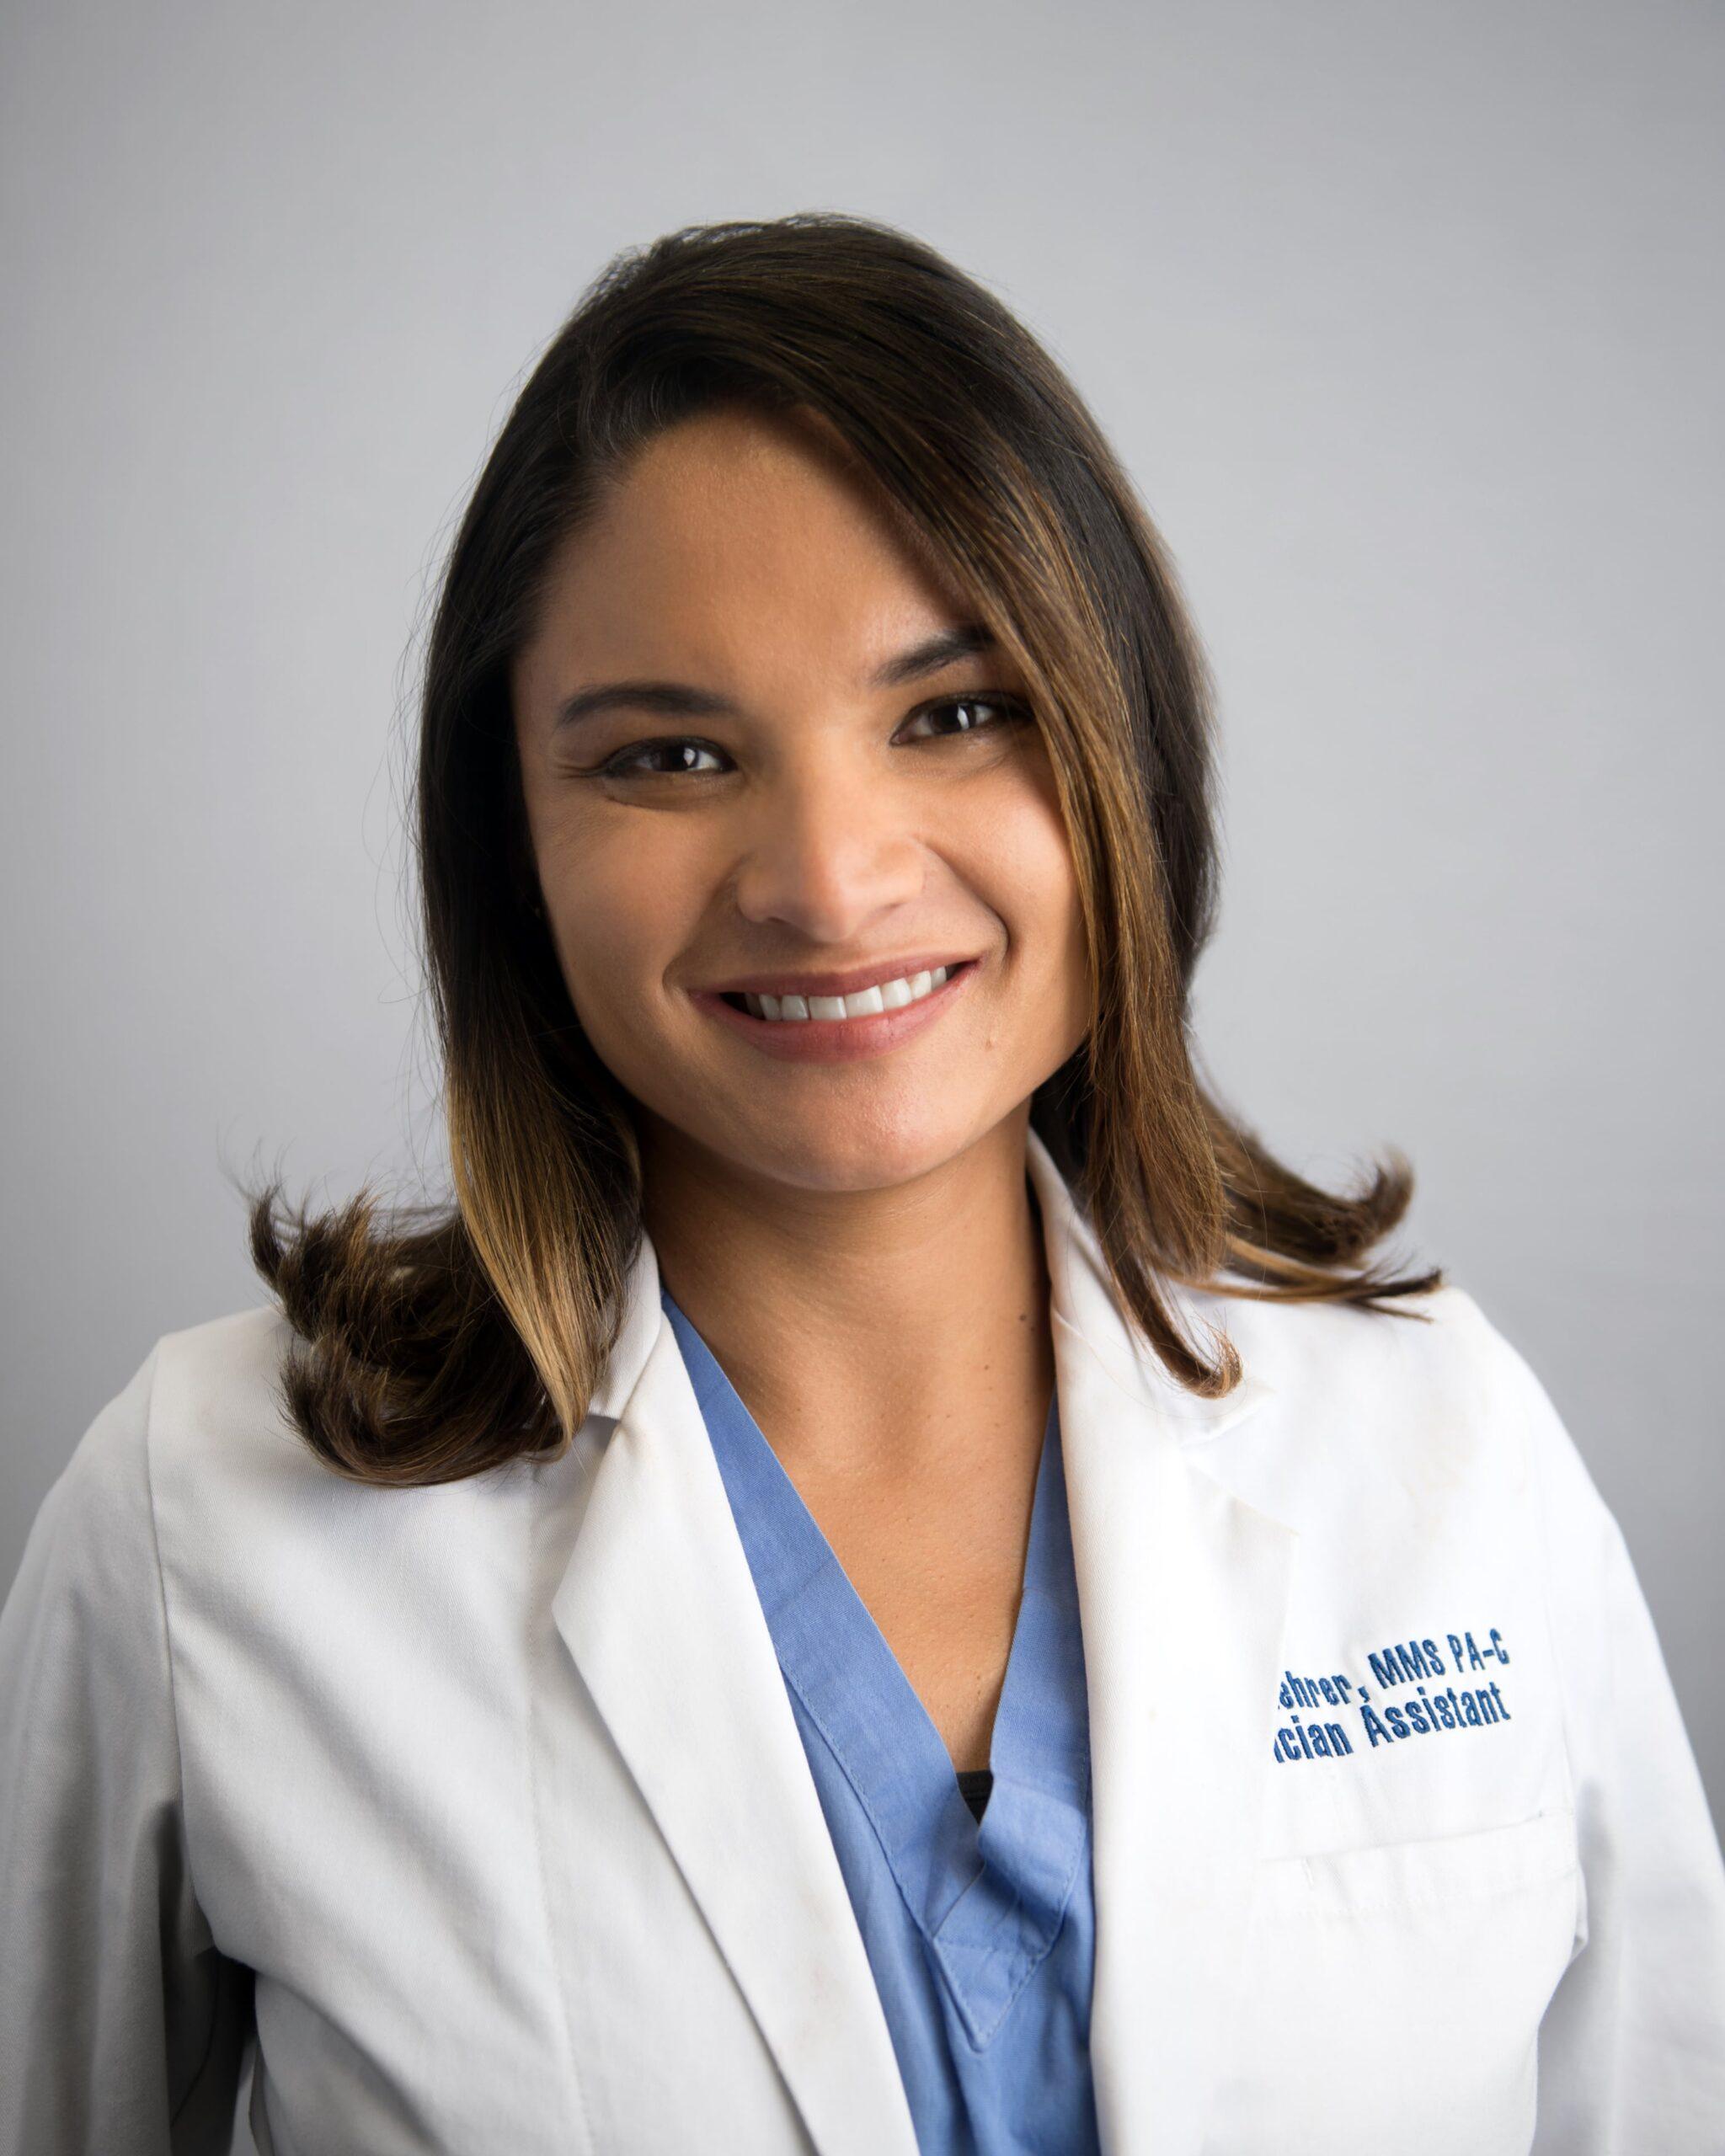 Catalina Lehrer, MMS, PA-C